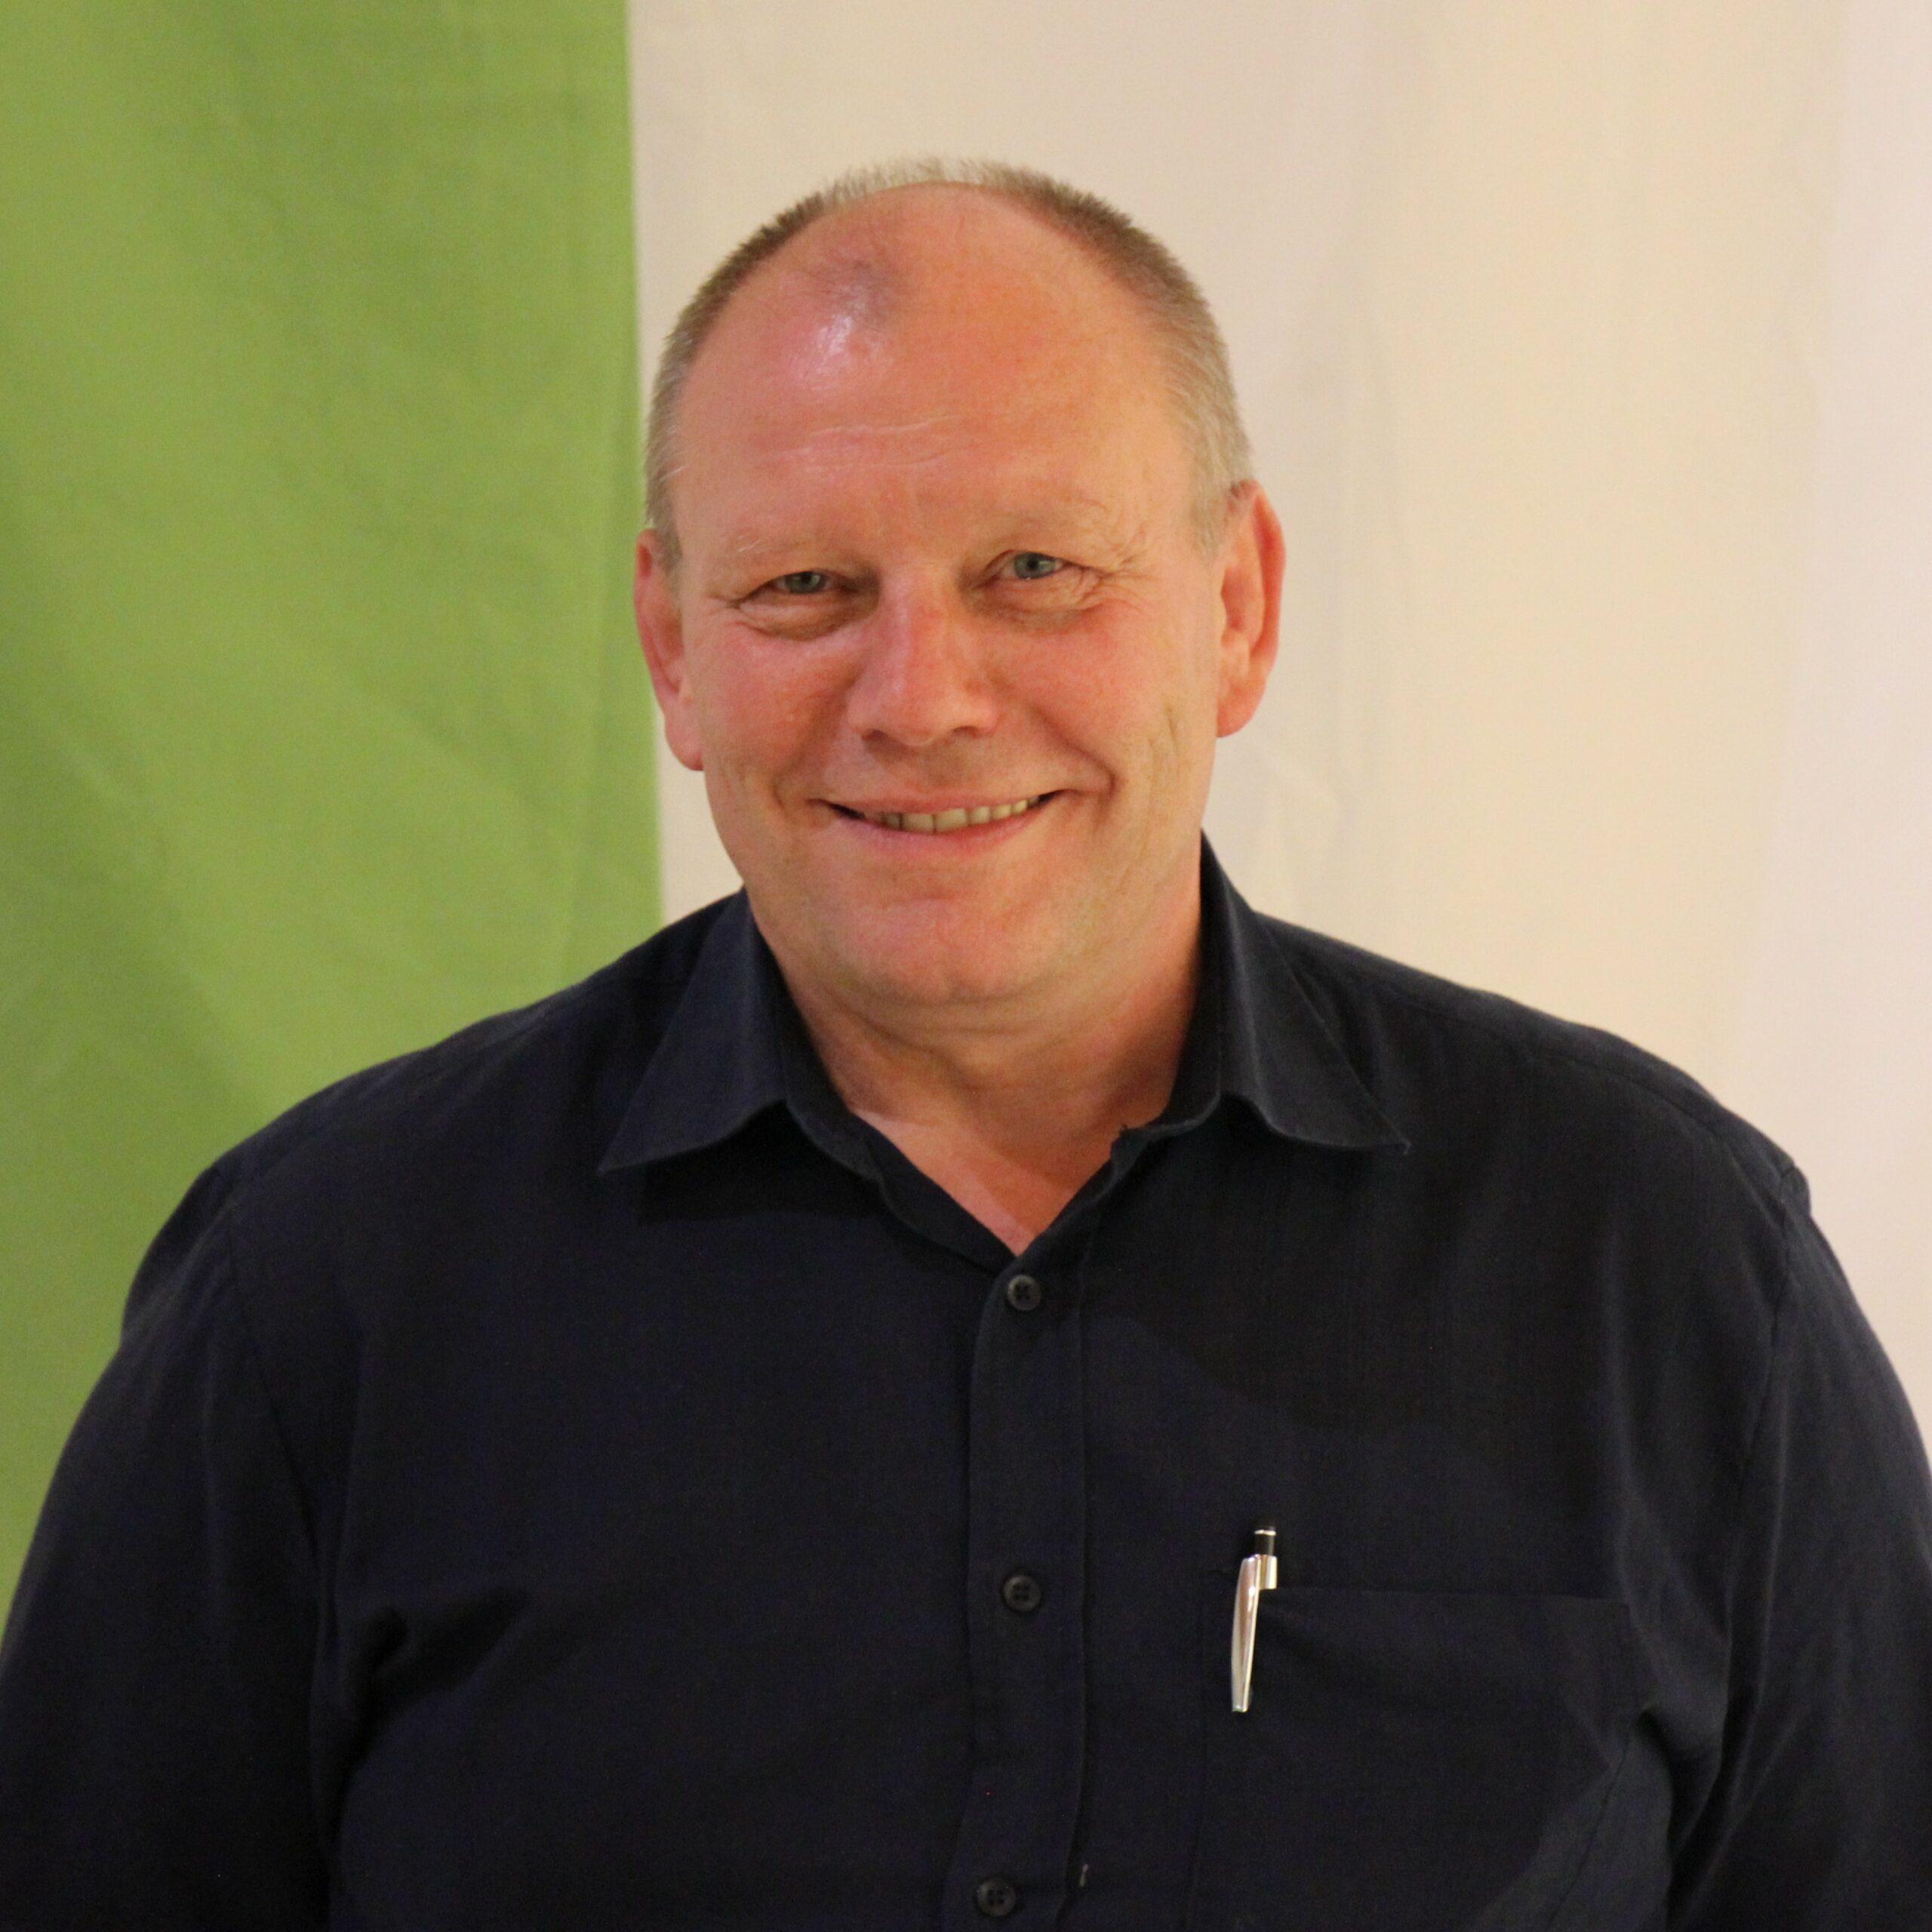 Peter Sedlmeir